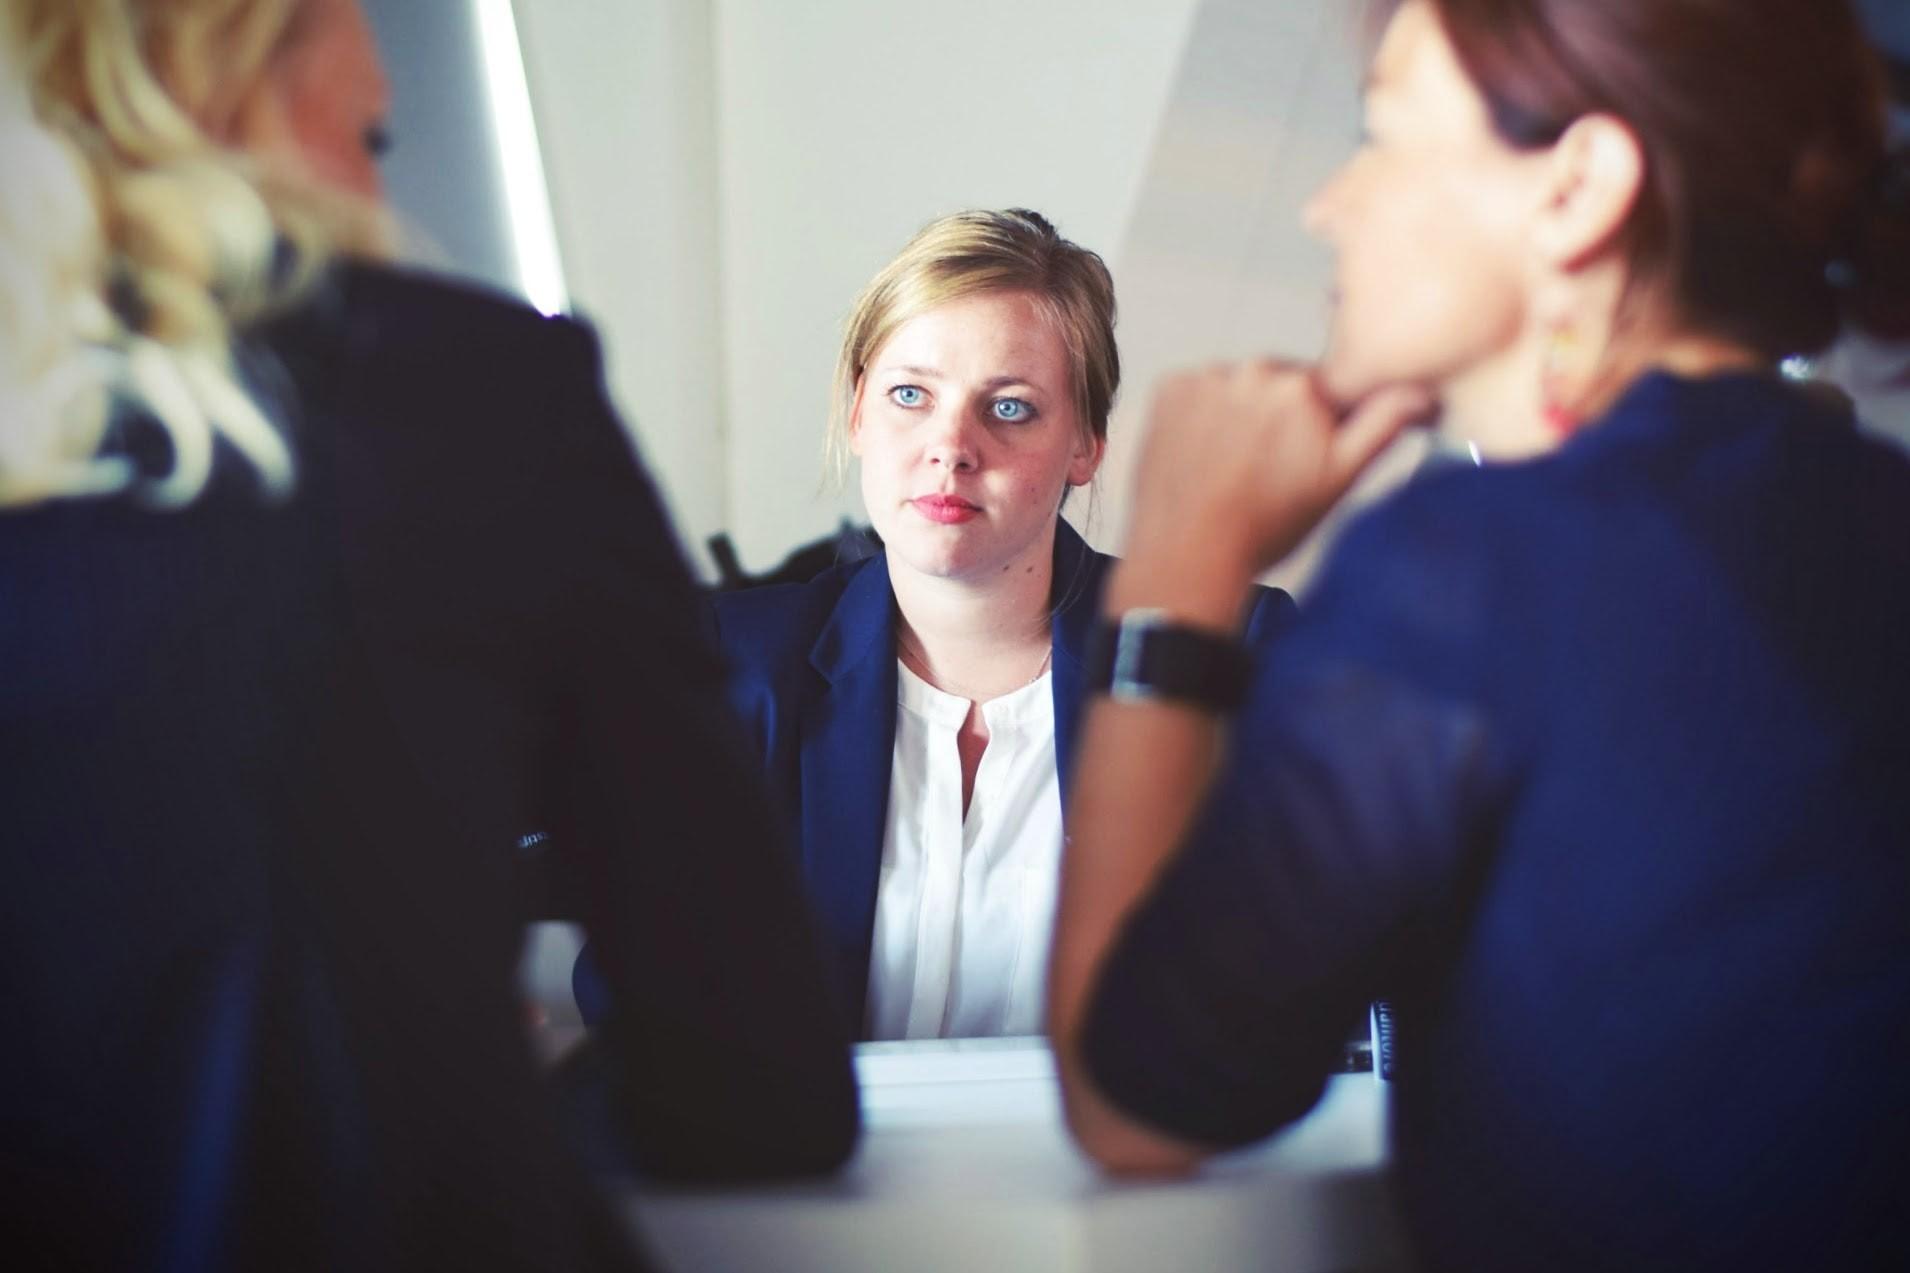 Eine Gruppe von Personen am Tisch im Gespräch